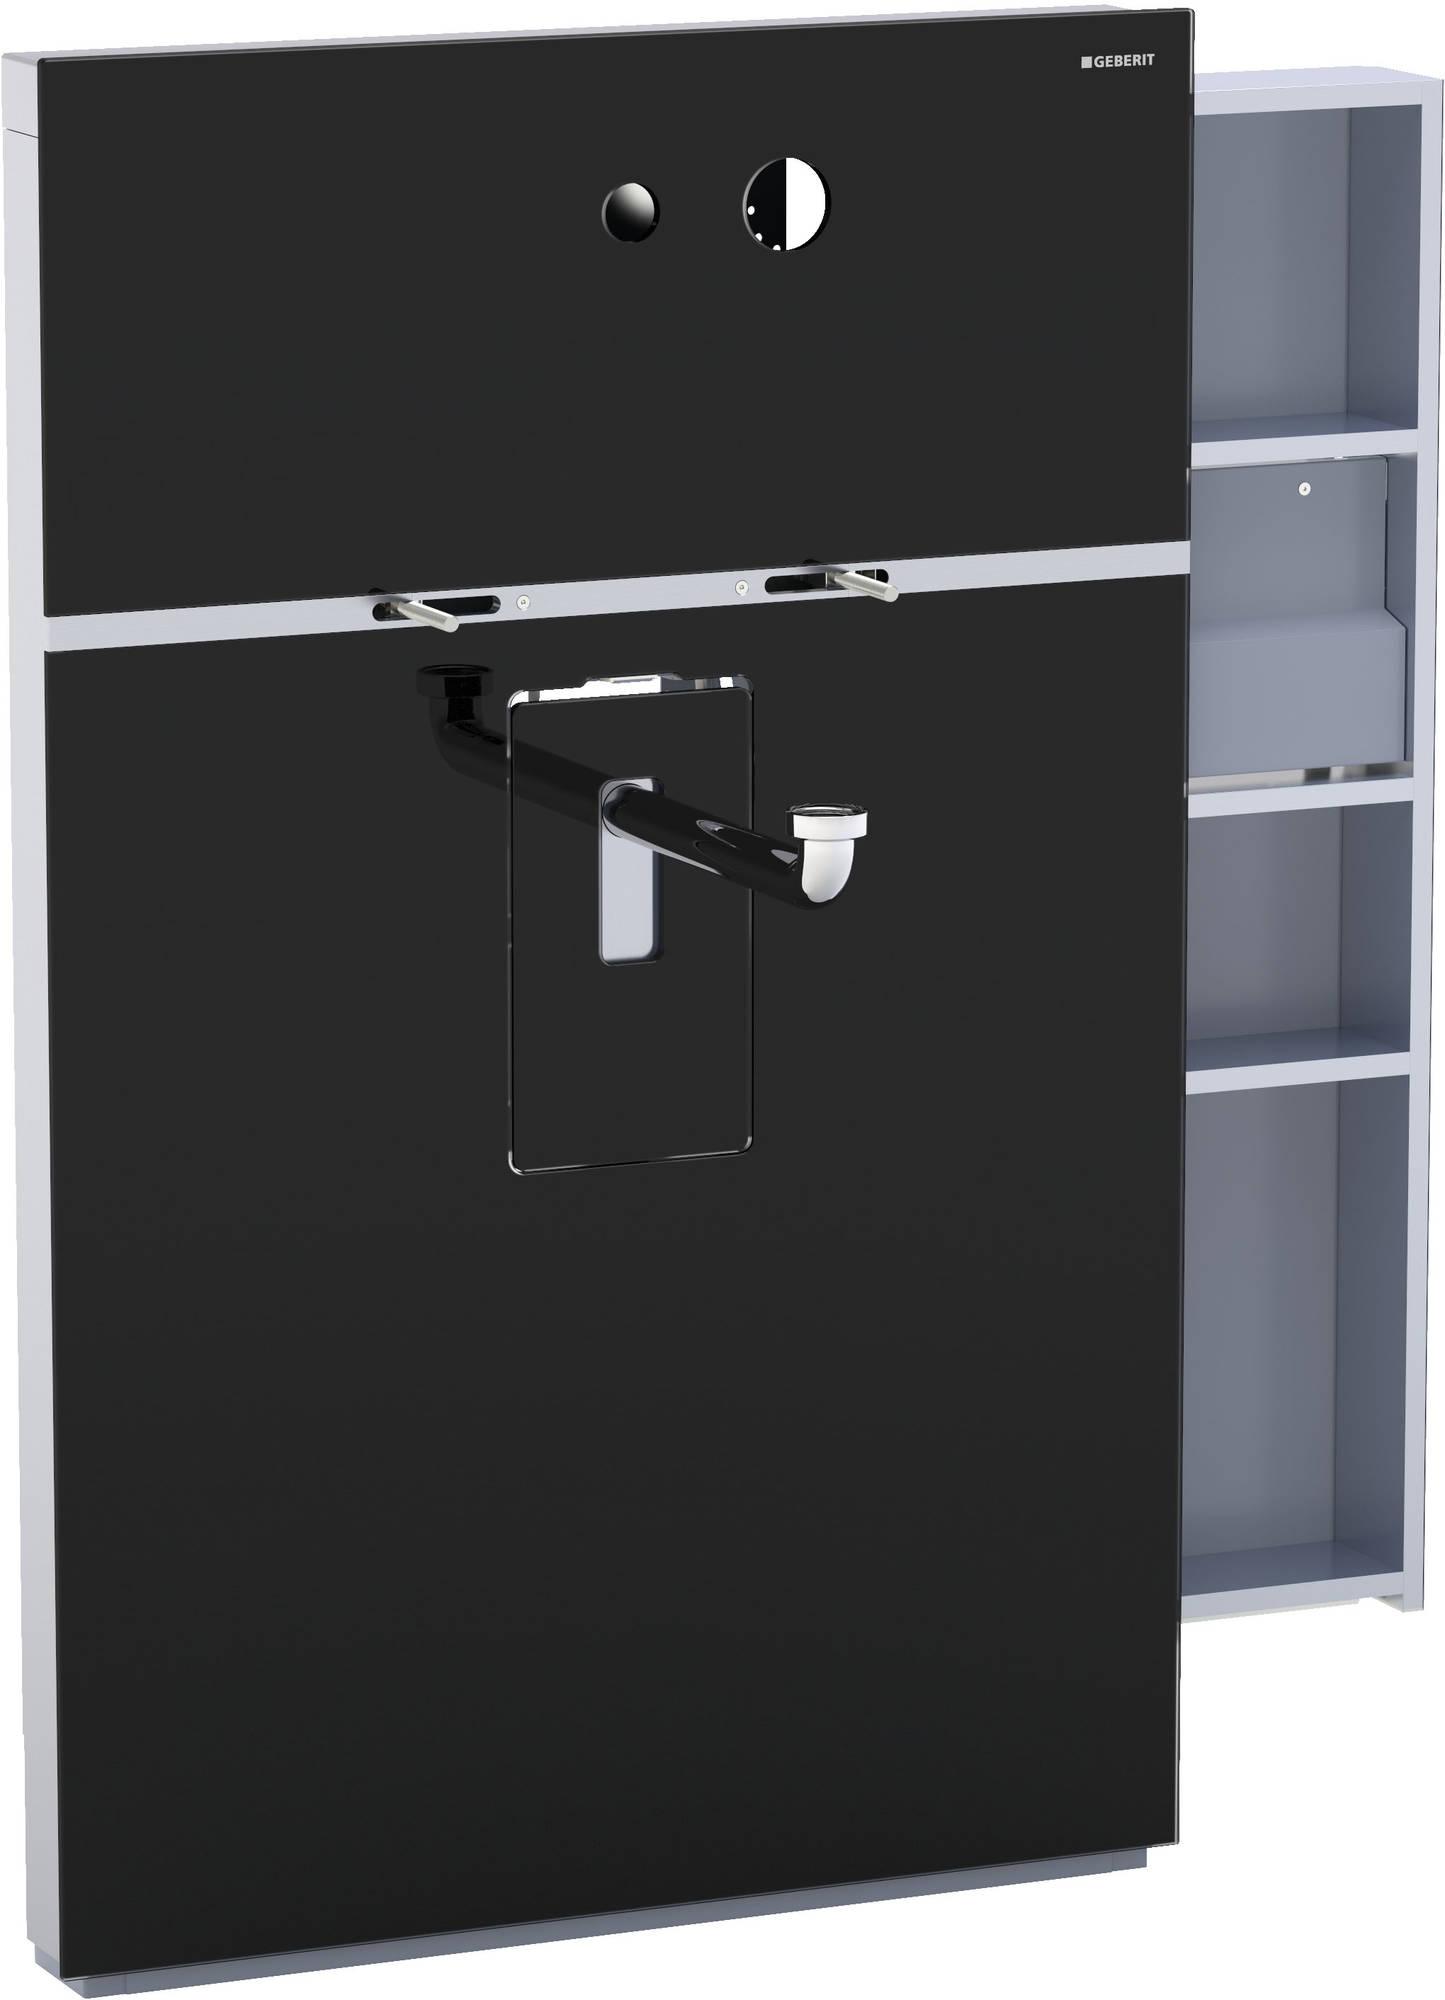 Geberit Monolith wastafelelement wandkraan 10-11 cm, kast rechts, glas zwart-aluminium